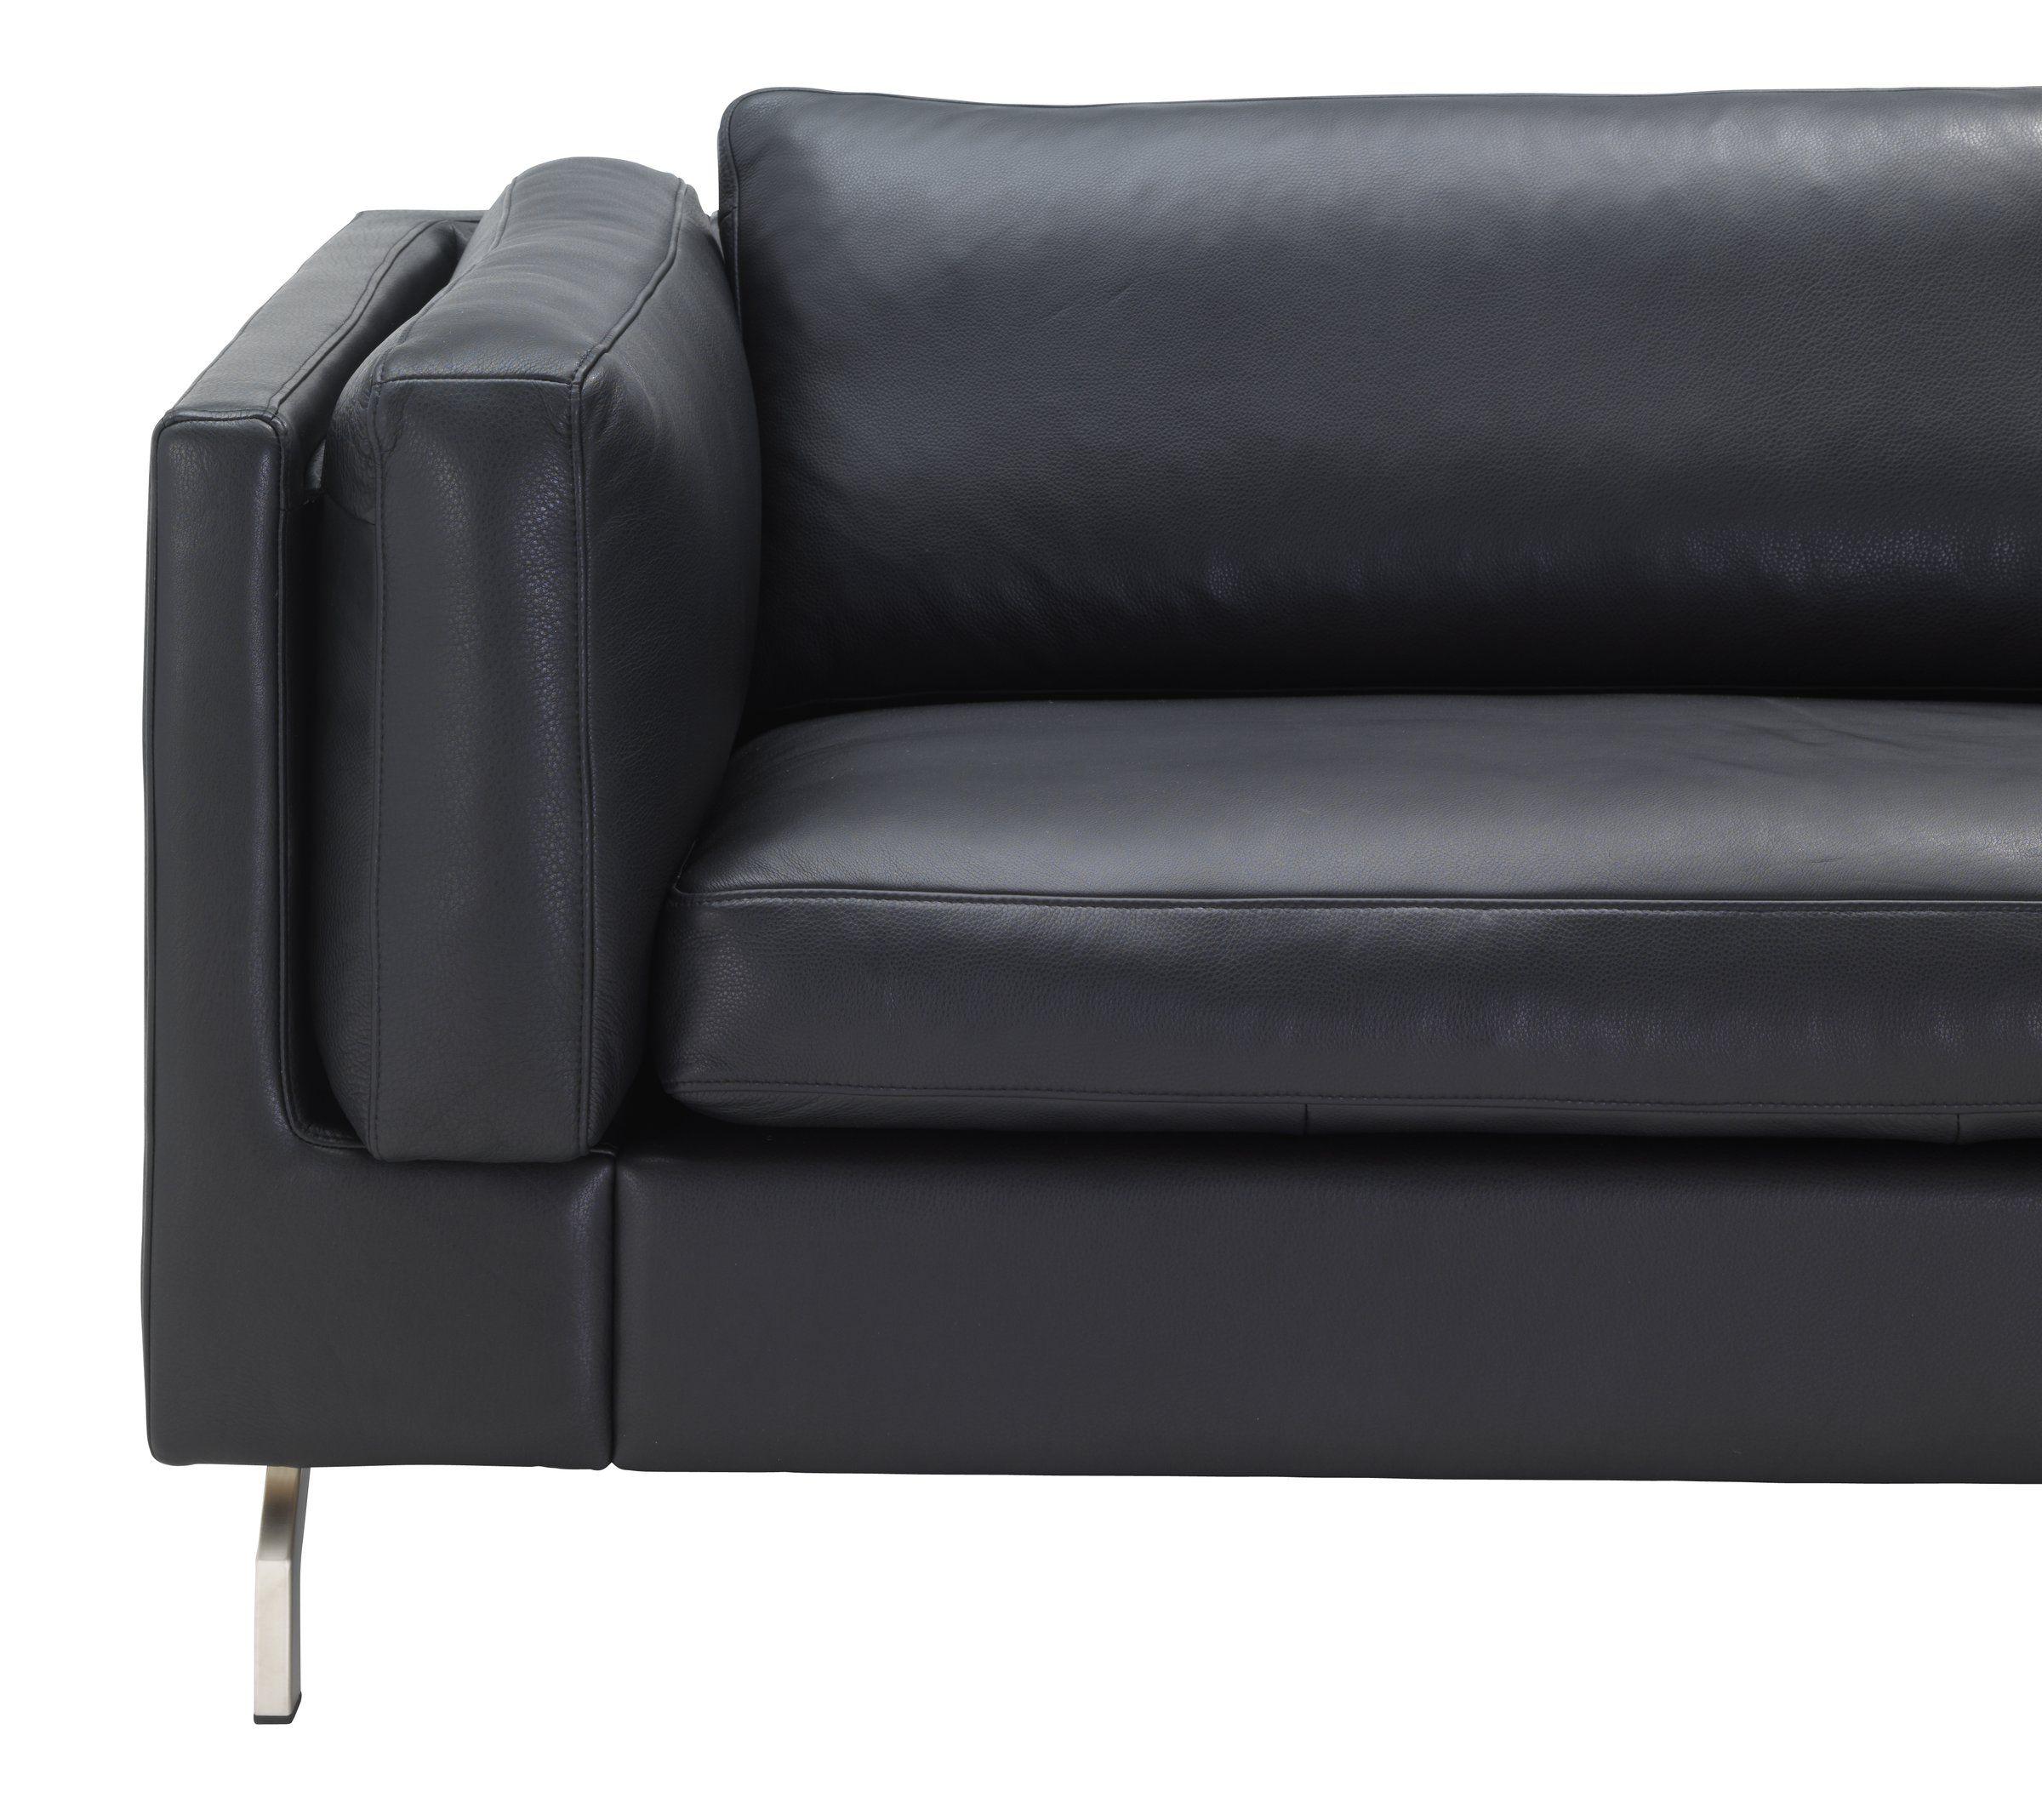 3er Sofa DIENER   Sofas Bei Micasa.ch. Lieferung Zu Ihnen Nach Hause Design